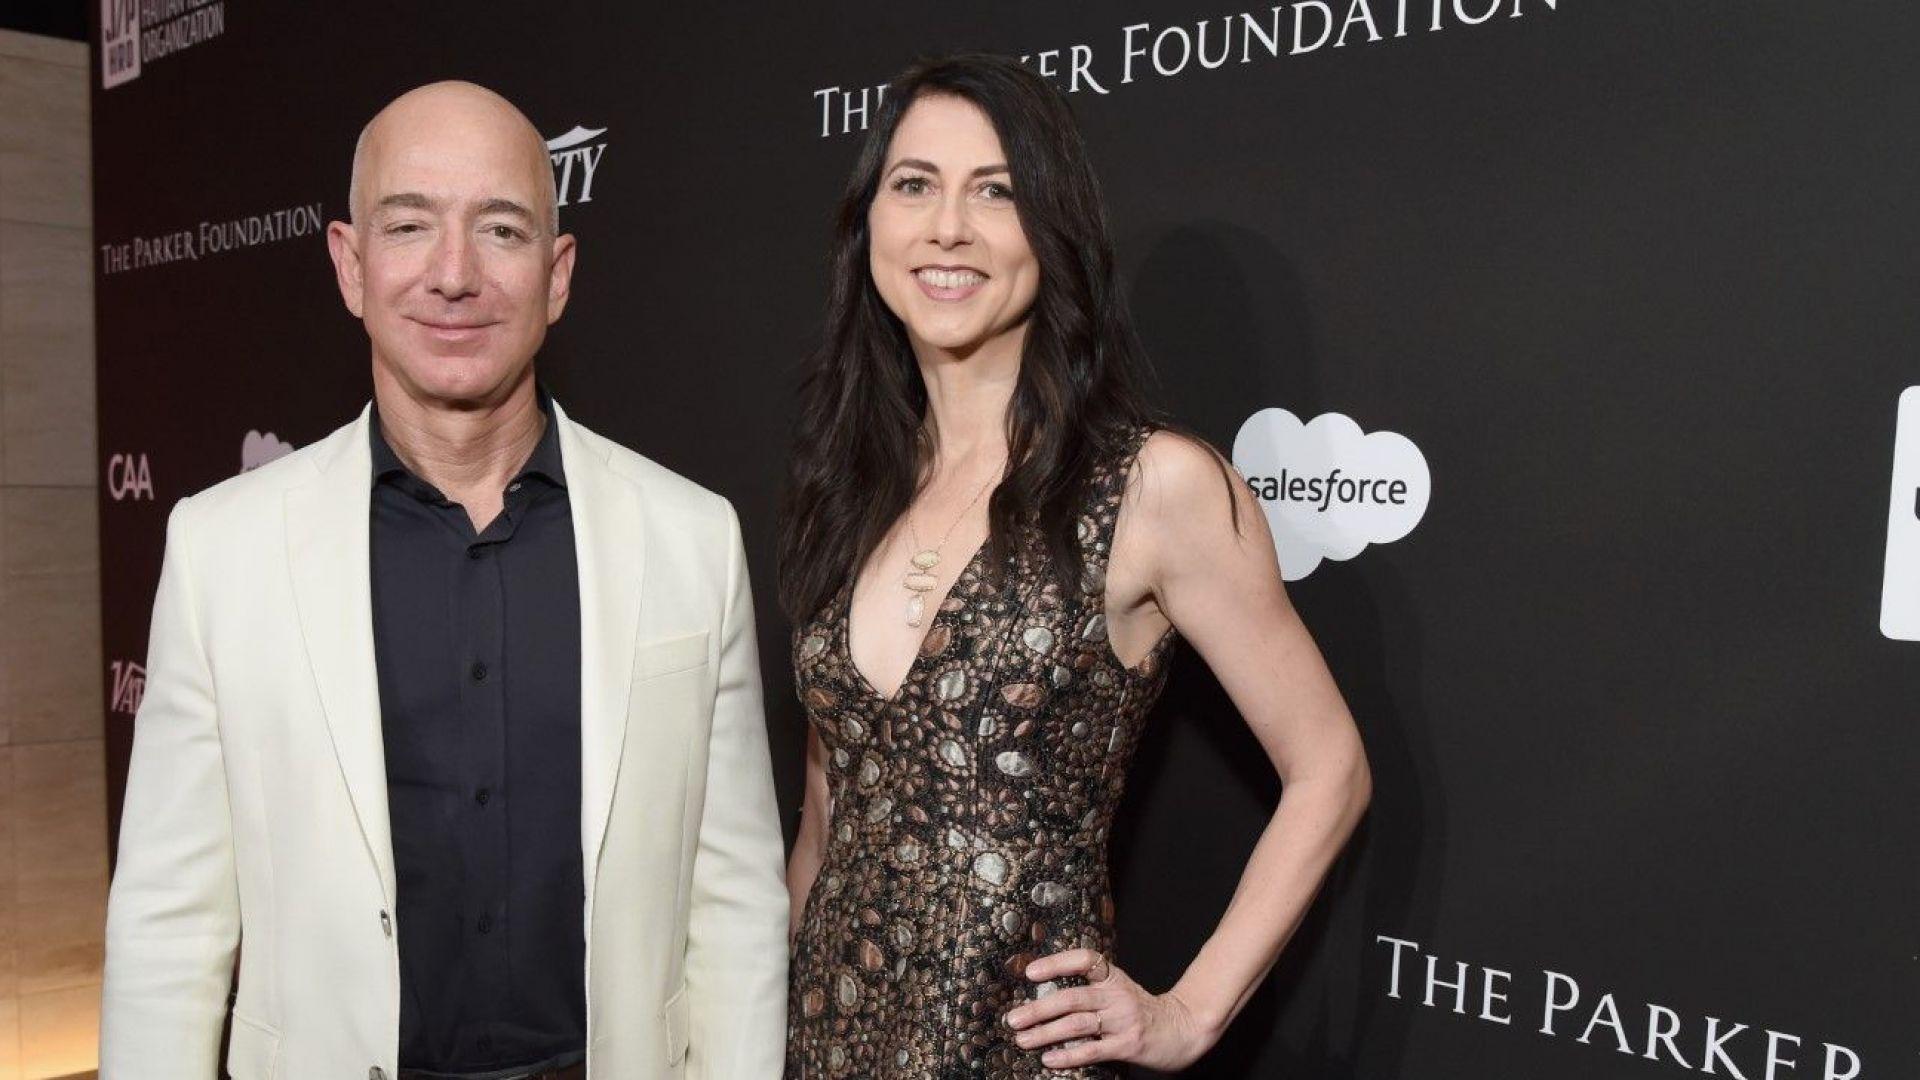 Най-богатият човек - Джеф Безос, вече е ерген, съпругата му получава $38 млрд. след развода